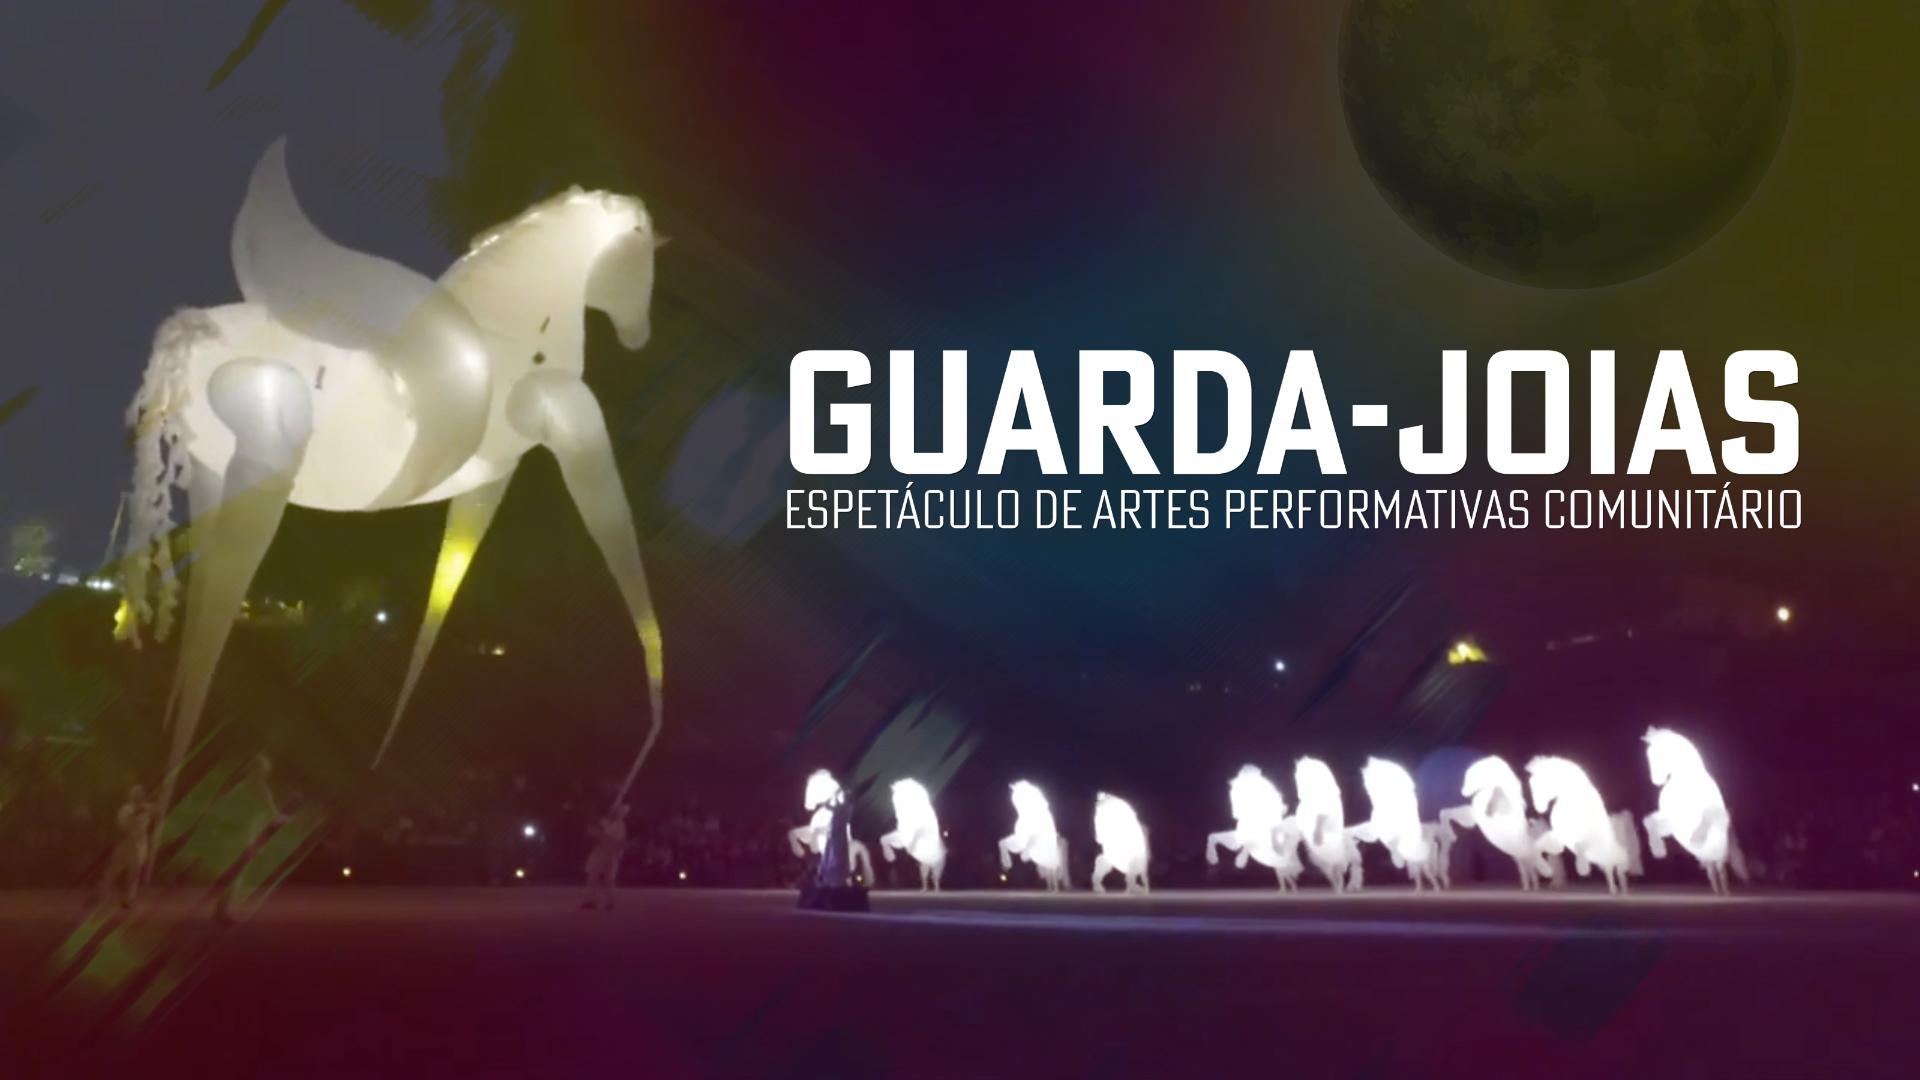 Imagem: Espetáculo de Artes Performativas Comunitário